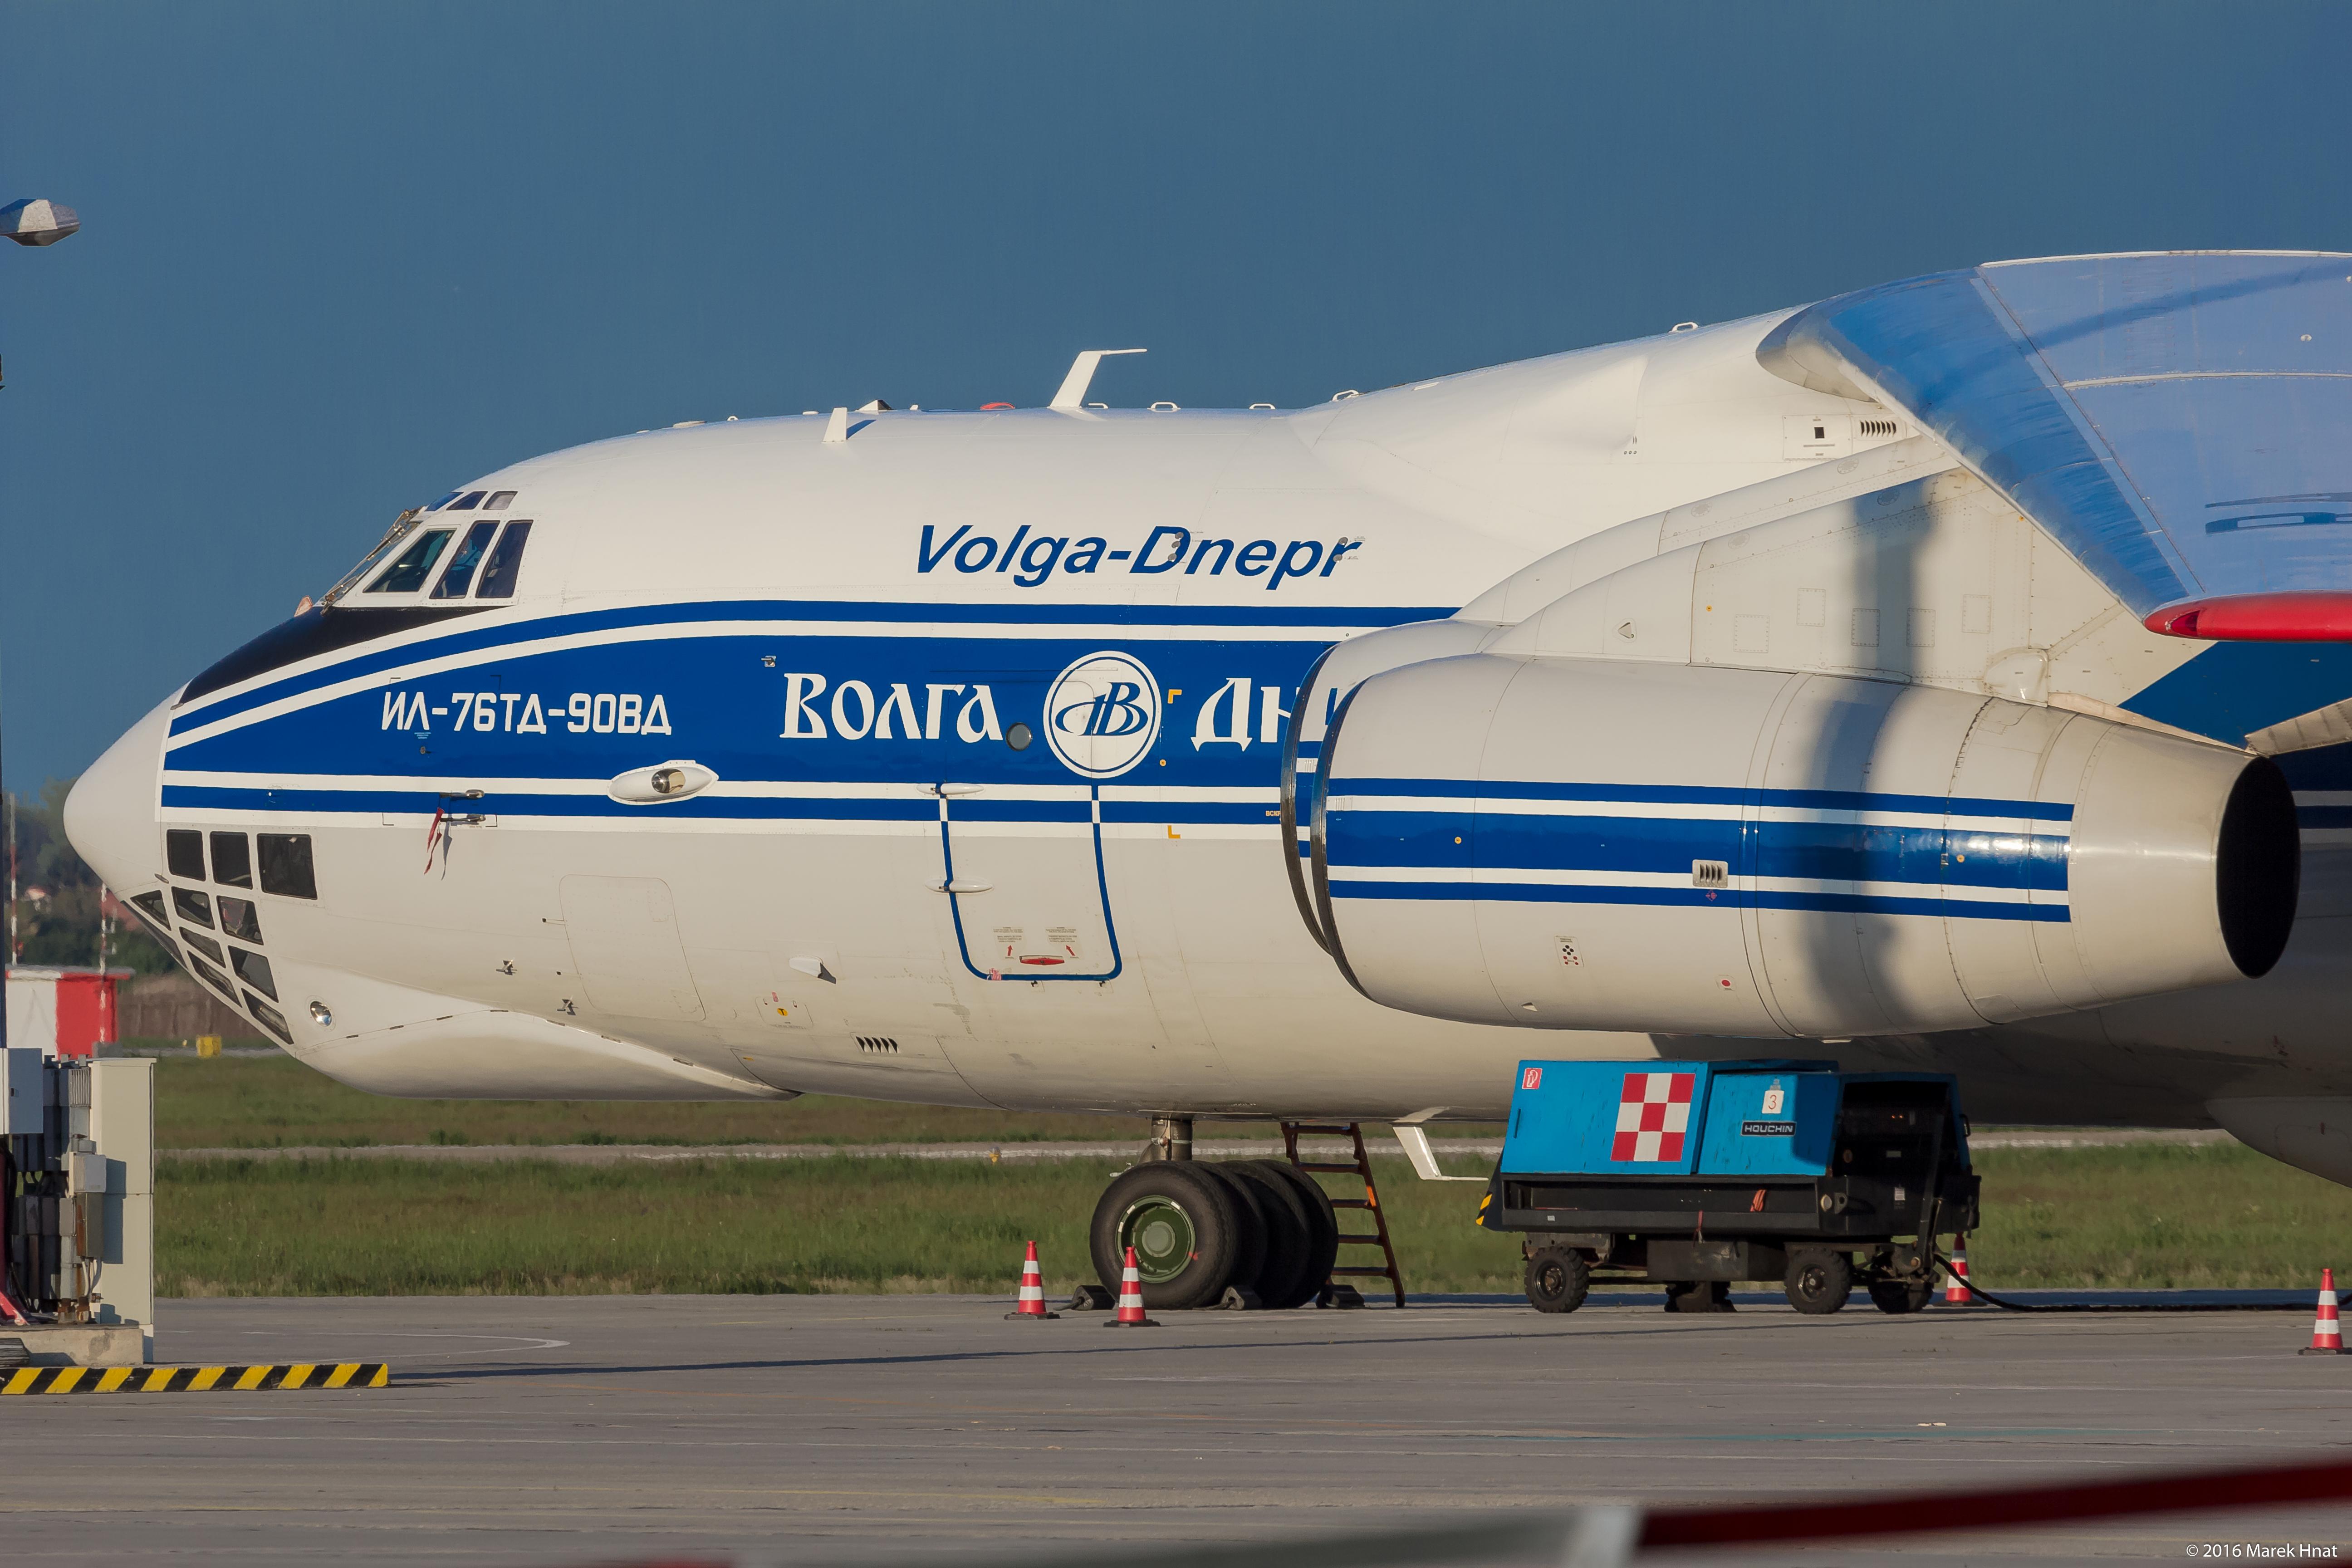 Volga-Dnepr IL-76TD-90VD; reg. RA-76511